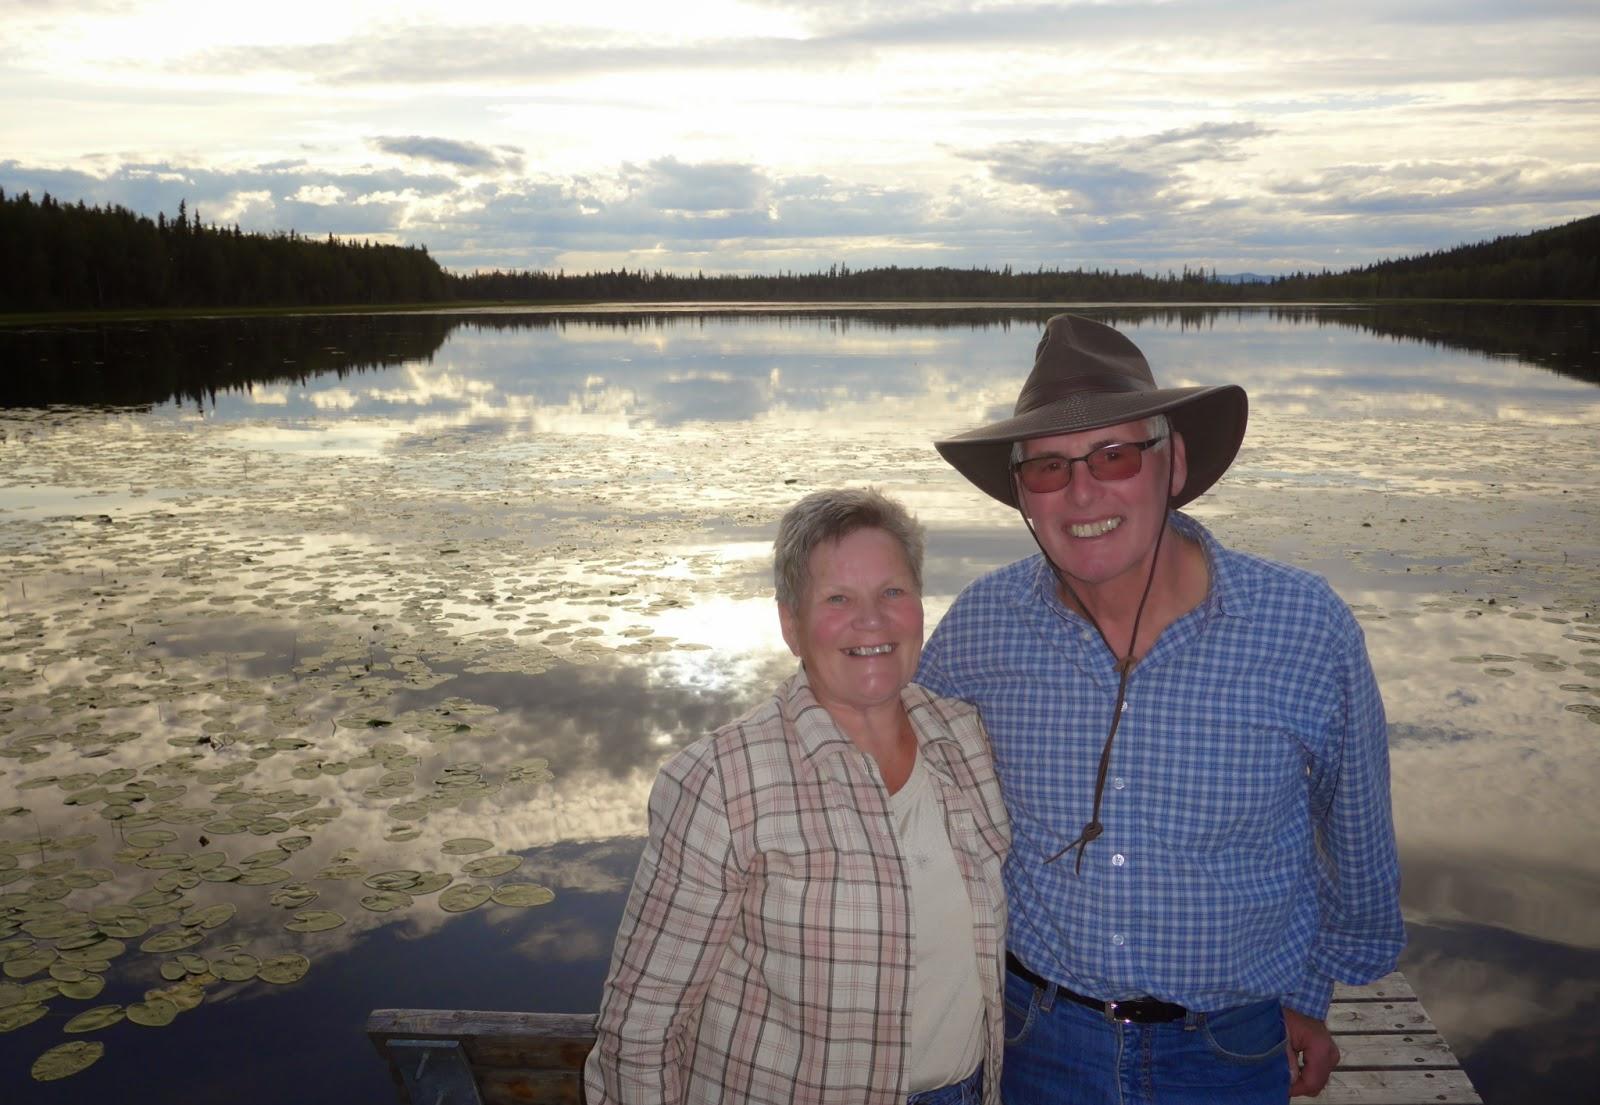 Lizbeth and Hansuli at Quartz Lake, Alaska